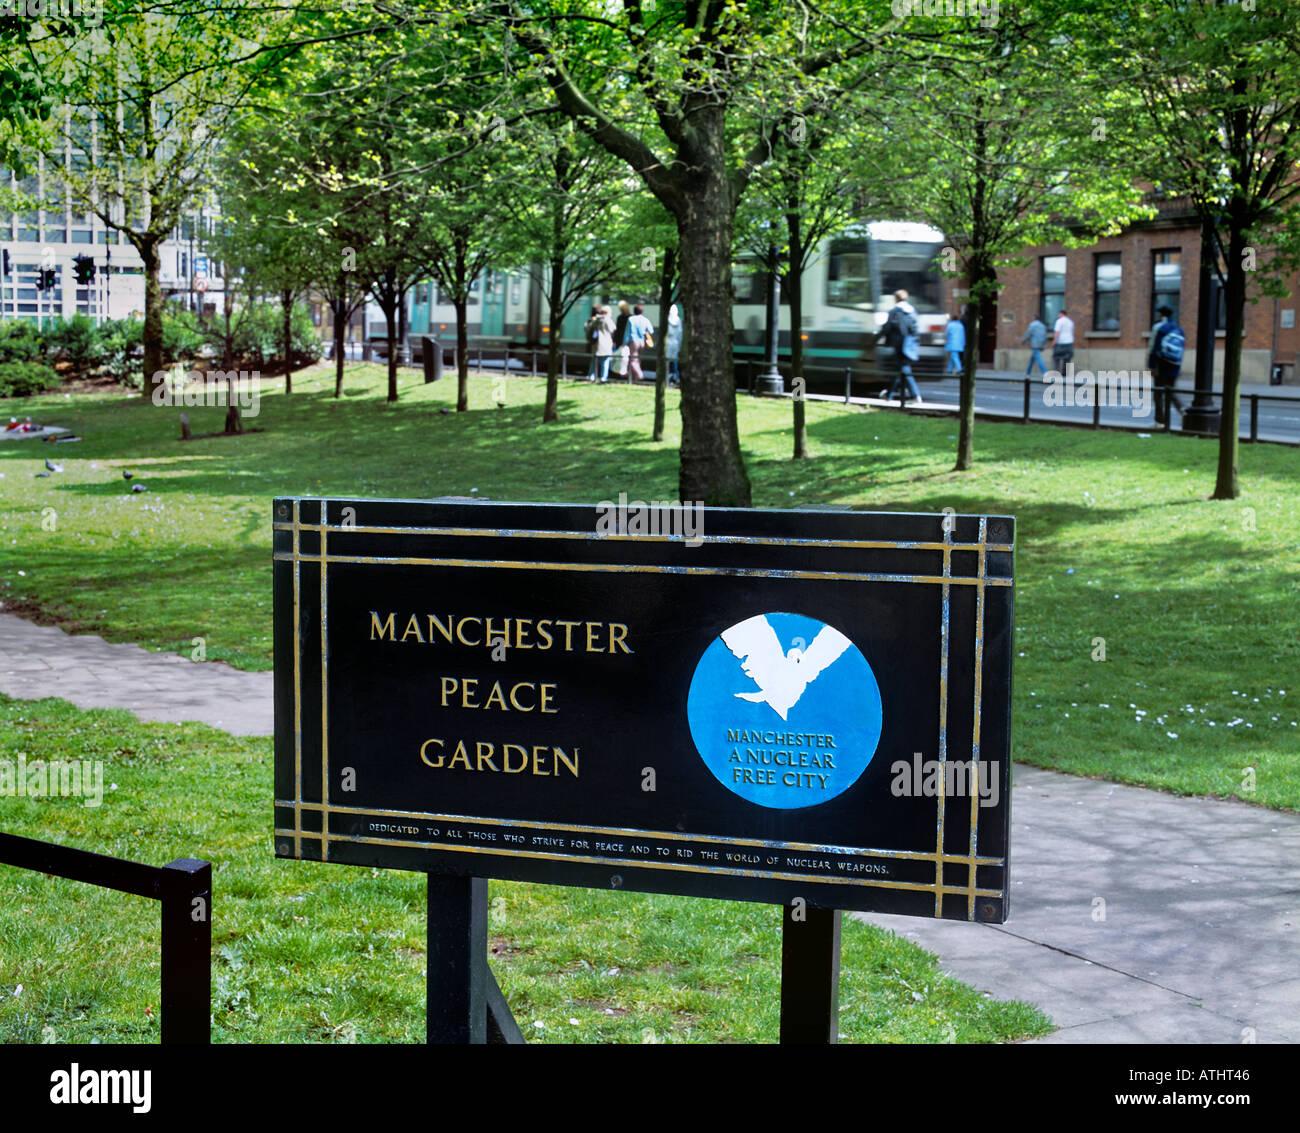 El logotipo de la Autoridad Local libre de armas nucleares en un letrero en el Jardín de Paz de Manchester, St Peters Square, Manchester. Imagen De Stock